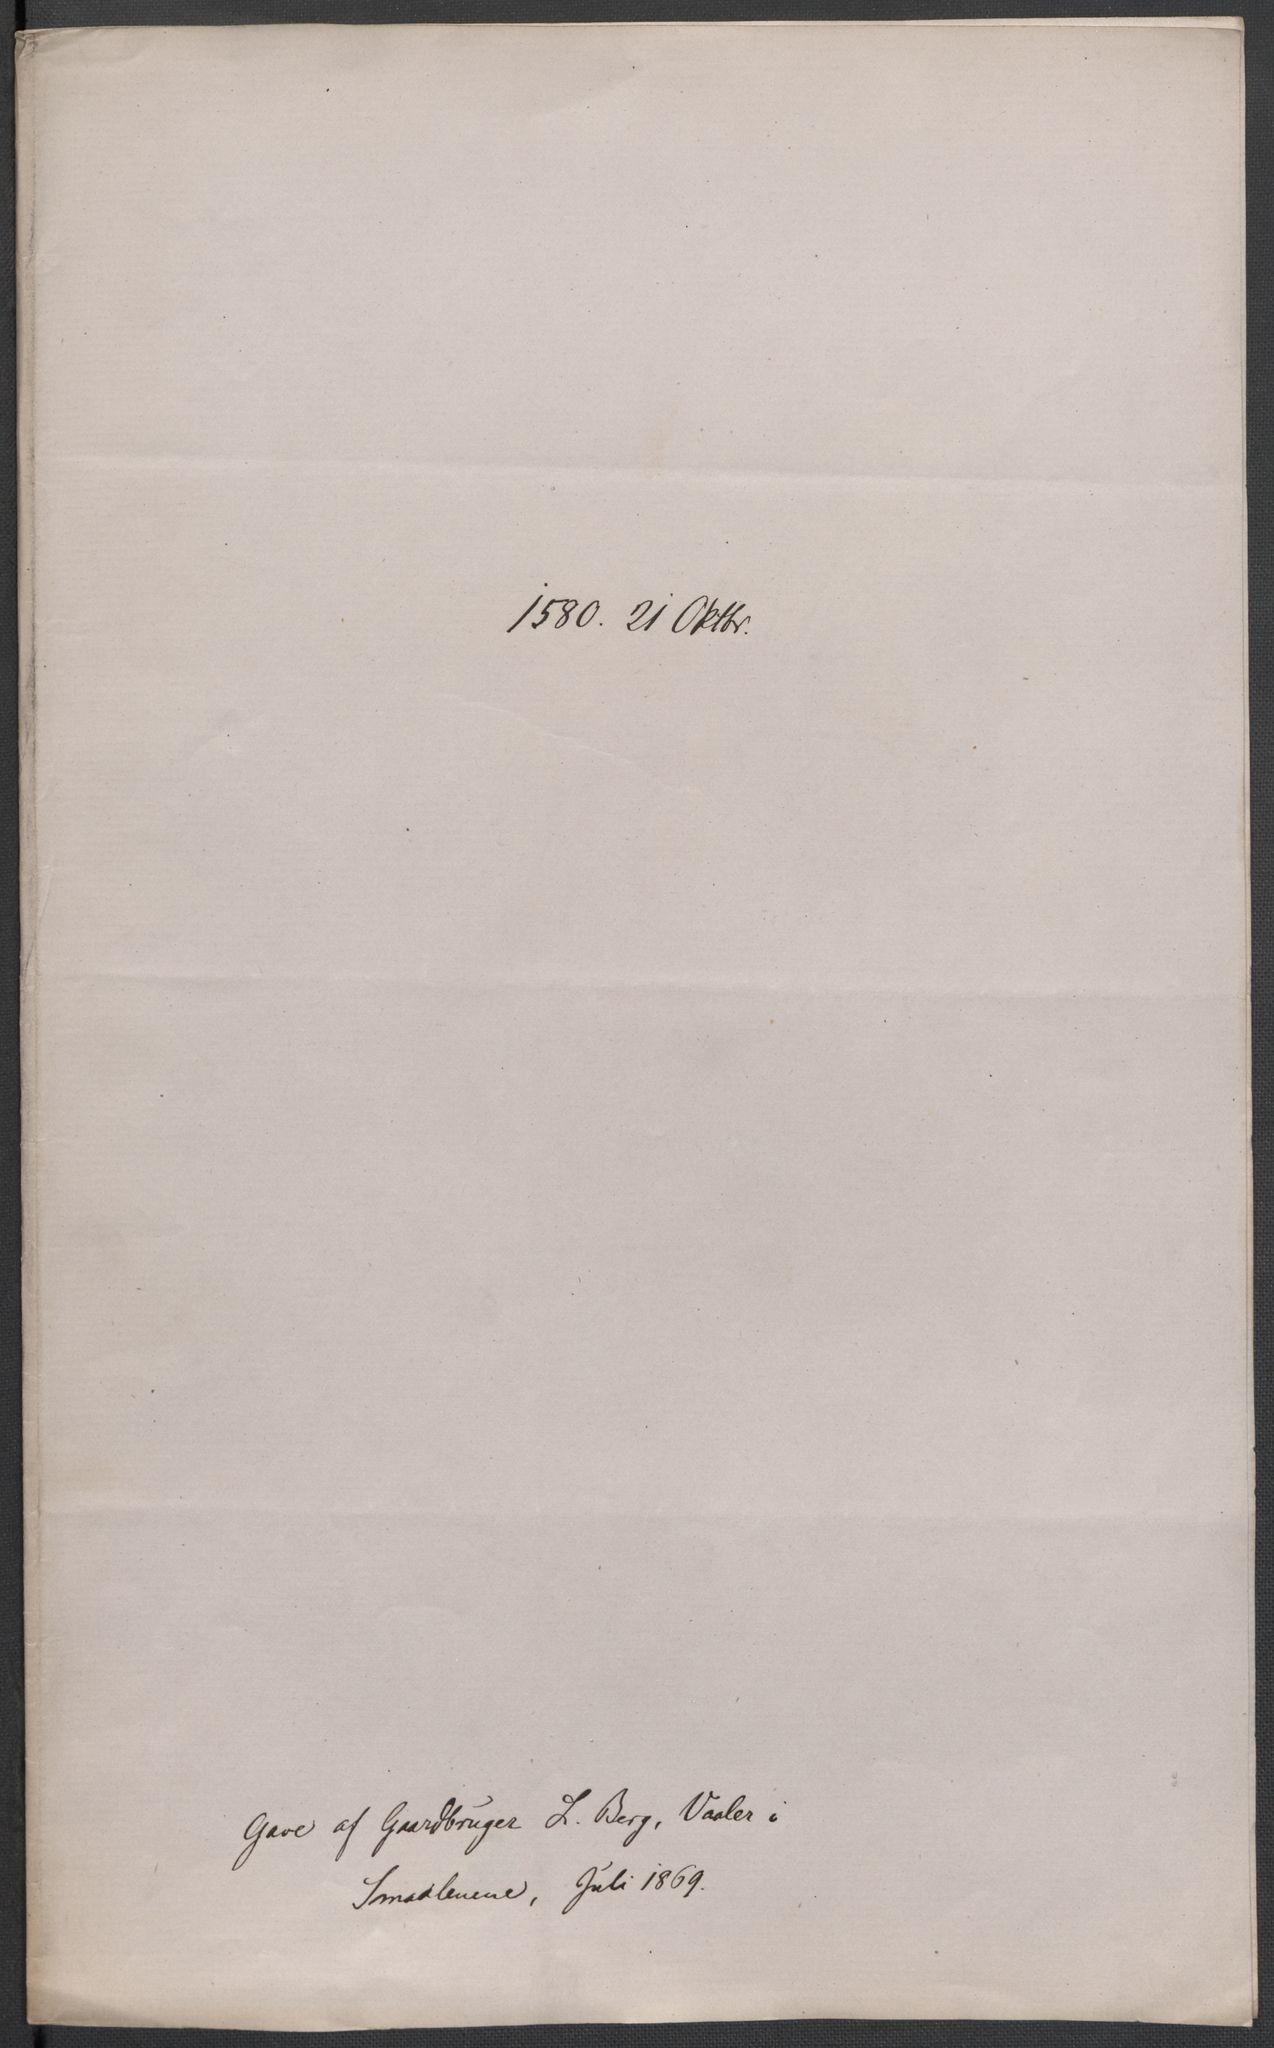 RA, Riksarkivets diplomsamling, F02/L0082: Dokumenter, 1580, s. 49